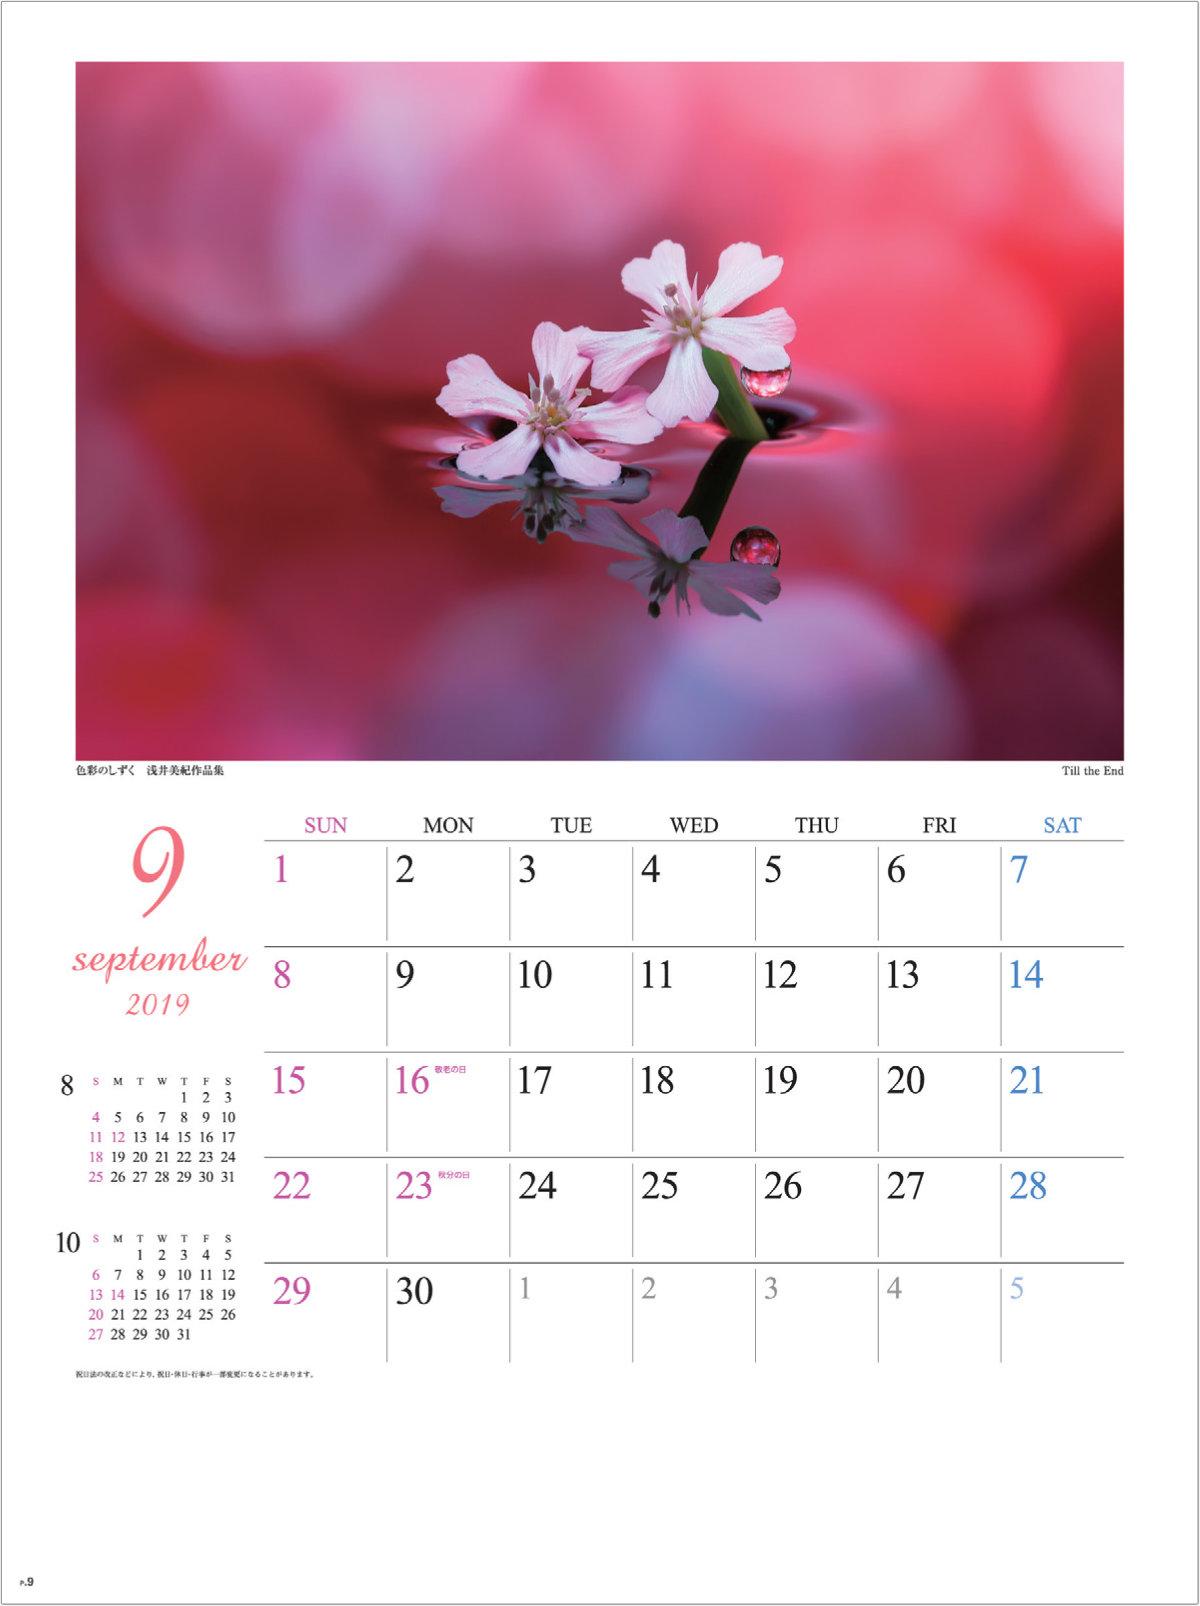 浅井美紀 写真作品「Till the End」 色彩のしずく・浅井美紀作品集 2019年カレンダーの画像